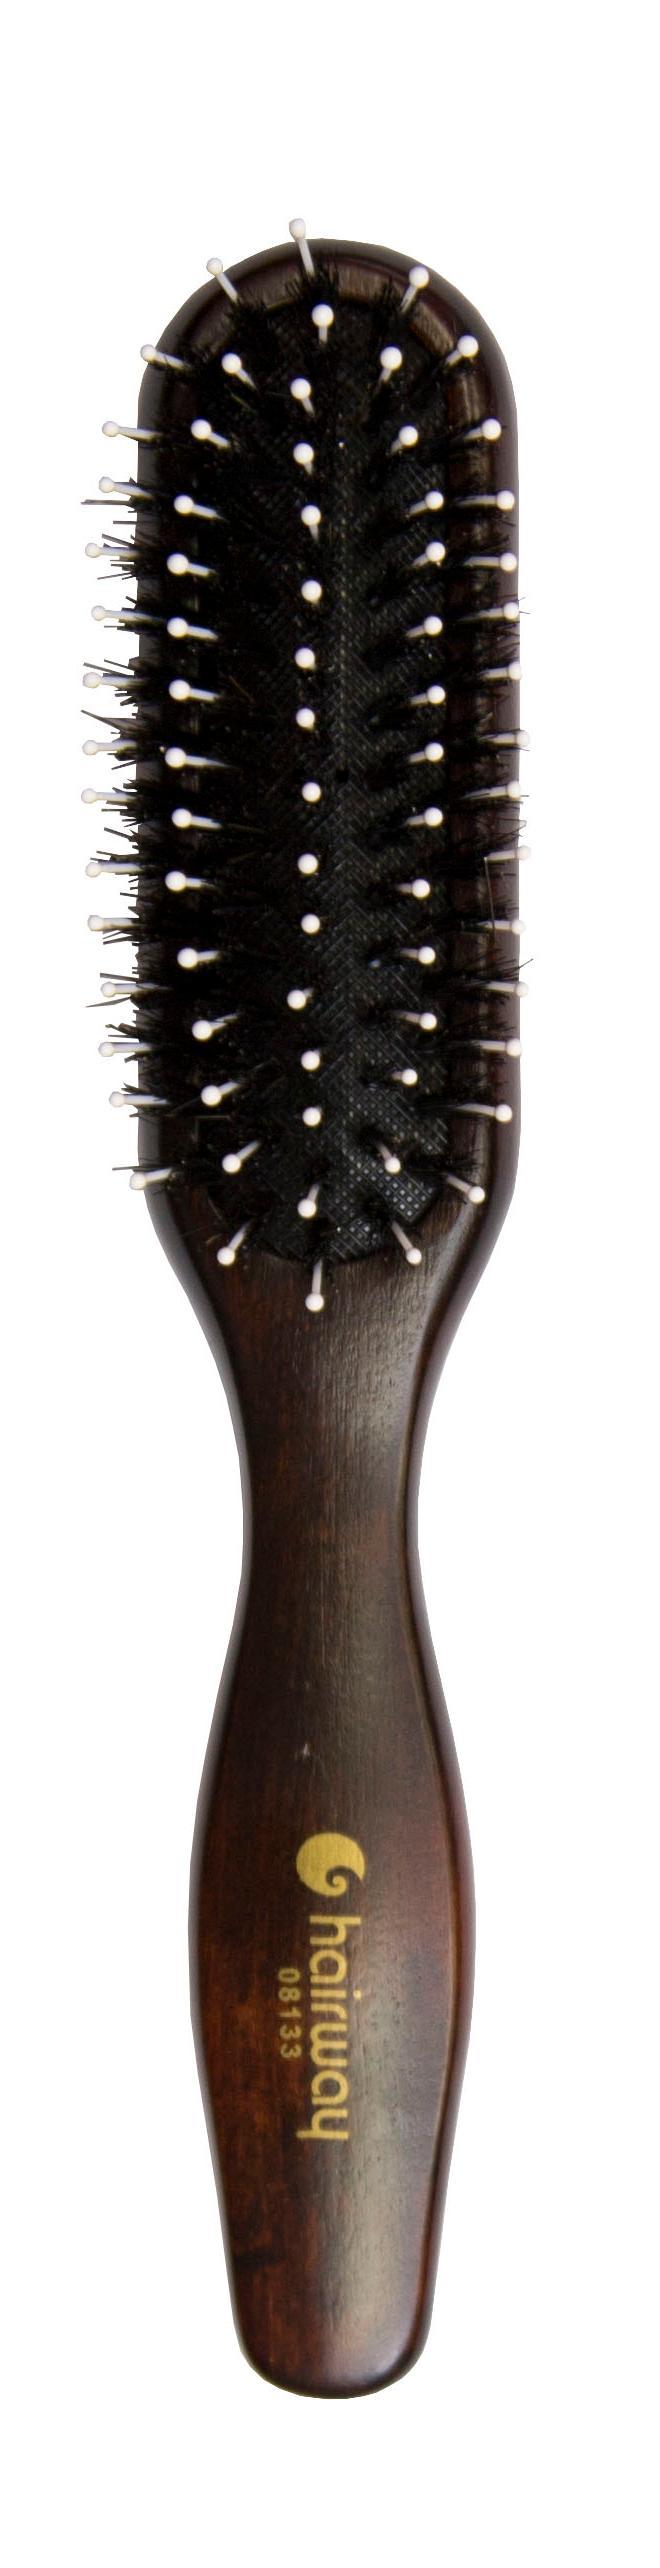 Купить HAIRWAY Щетка Lady массажная на деревянной основе с натуральной щетиной 5-рядная, прямоугольная